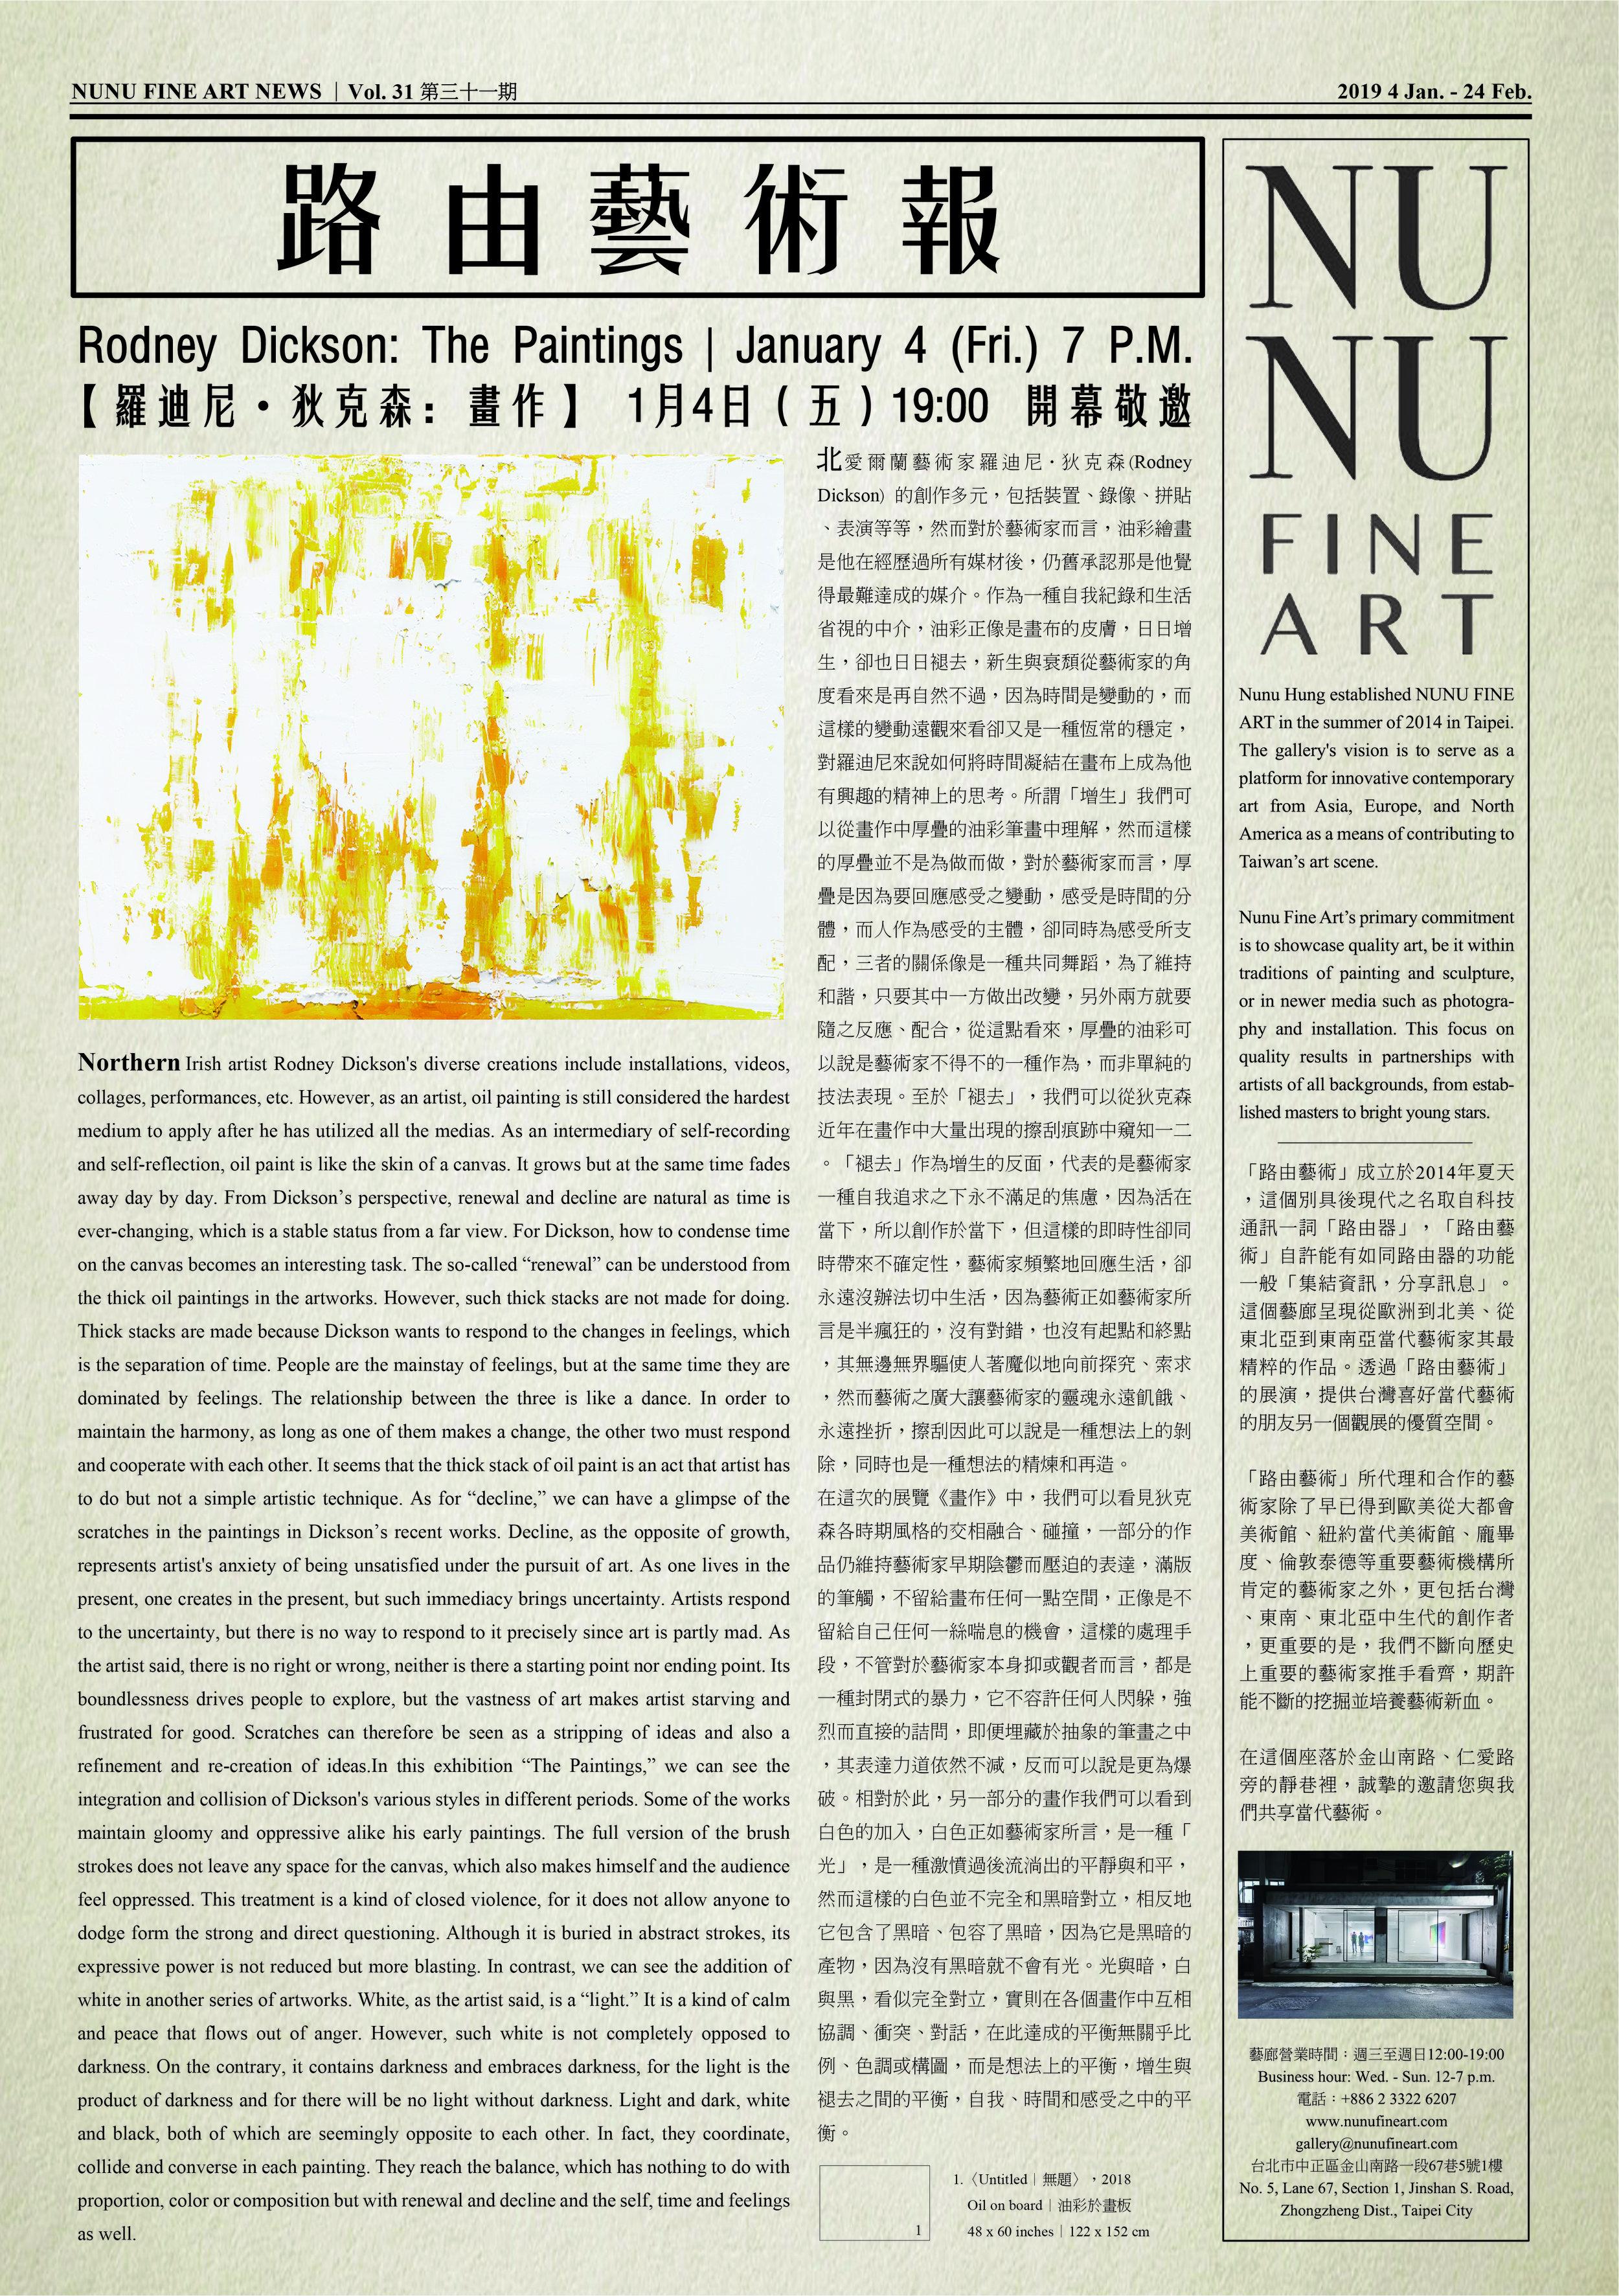 路由藝術報第31期報紙正面-01-01.jpg